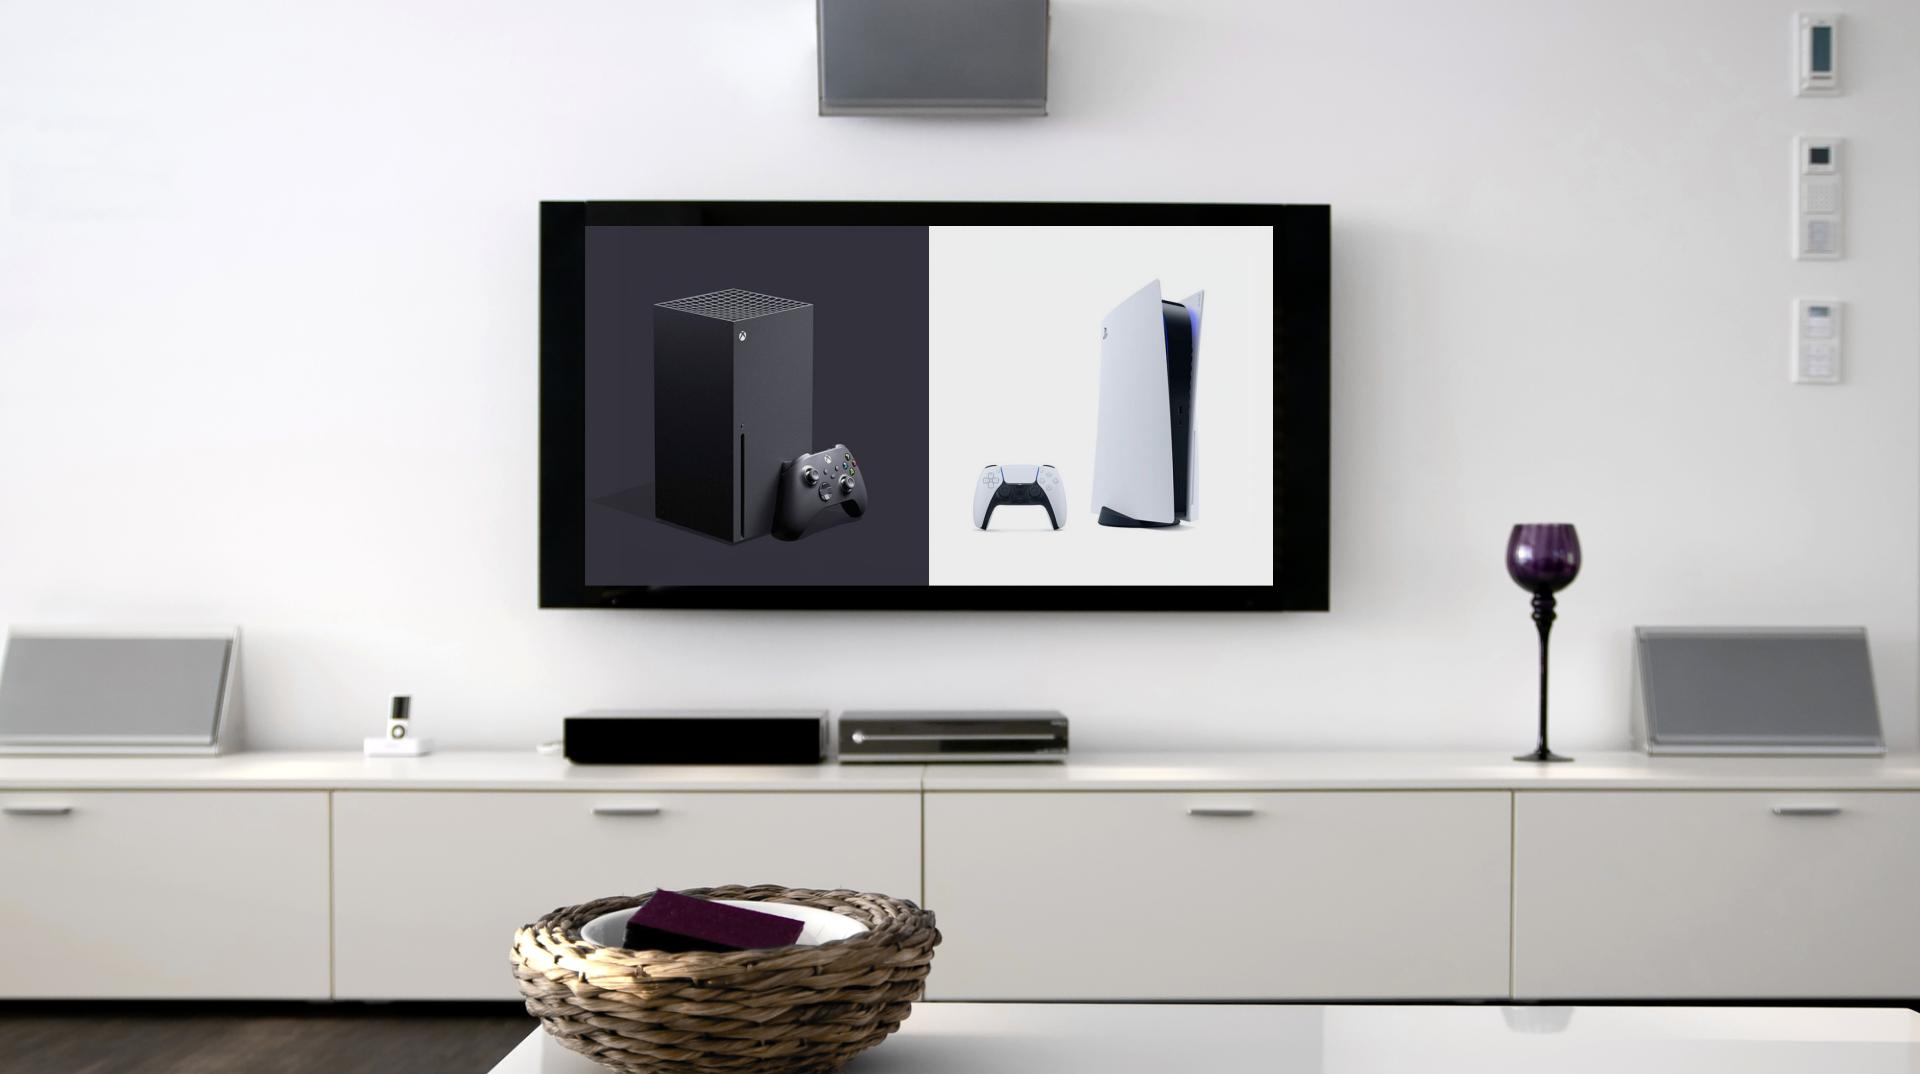 Tvs disponíveis no mercado que já estão preparadas para a nova geração de consoles. Alguns modelos de tvs das principais fabricantes já podem receber a nova geração de consoles da sony e microsoft que chegam em 2020